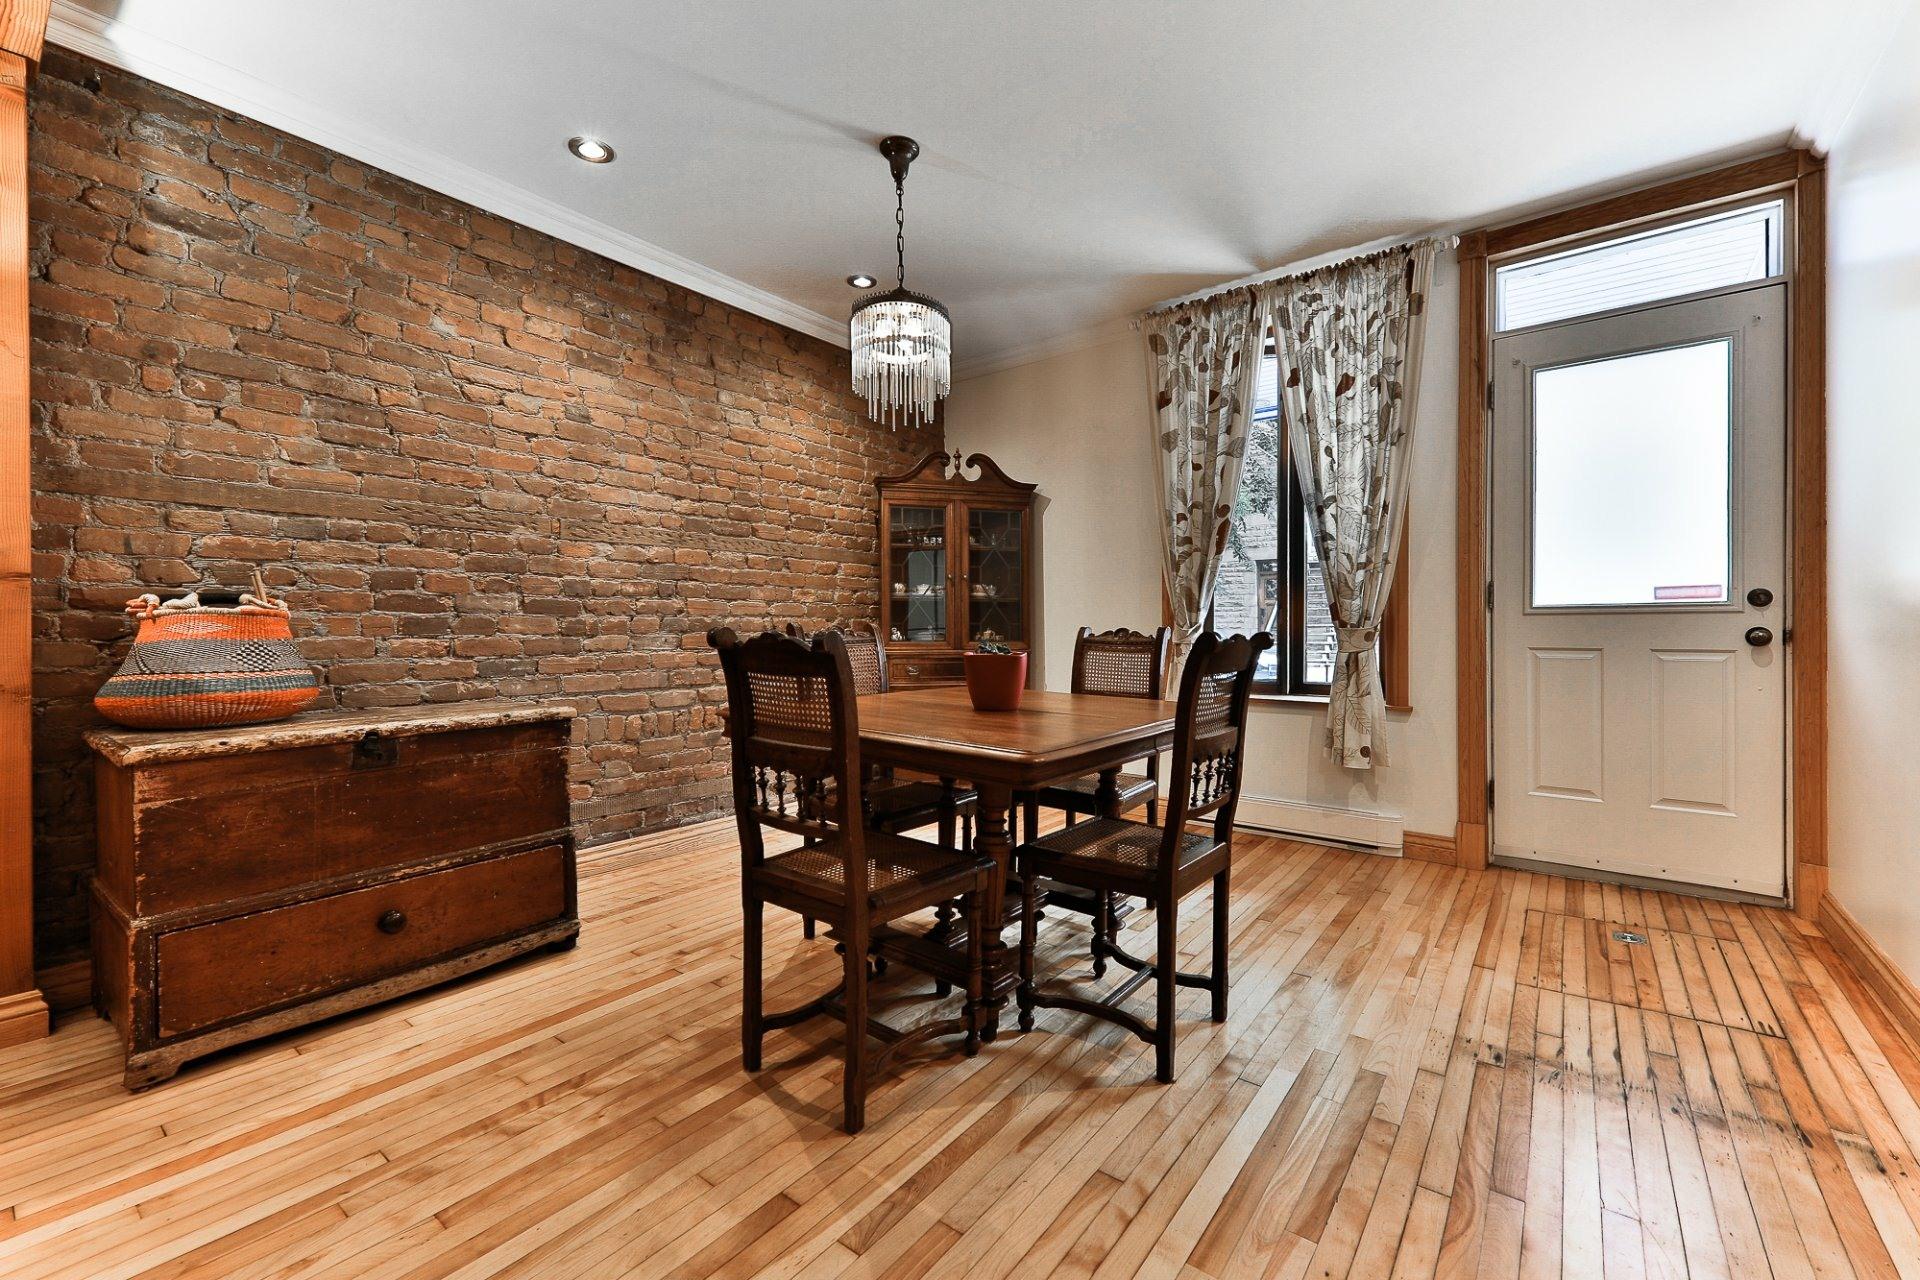 image 3 - Appartement À vendre Le Plateau-Mont-Royal Montréal  - 7 pièces